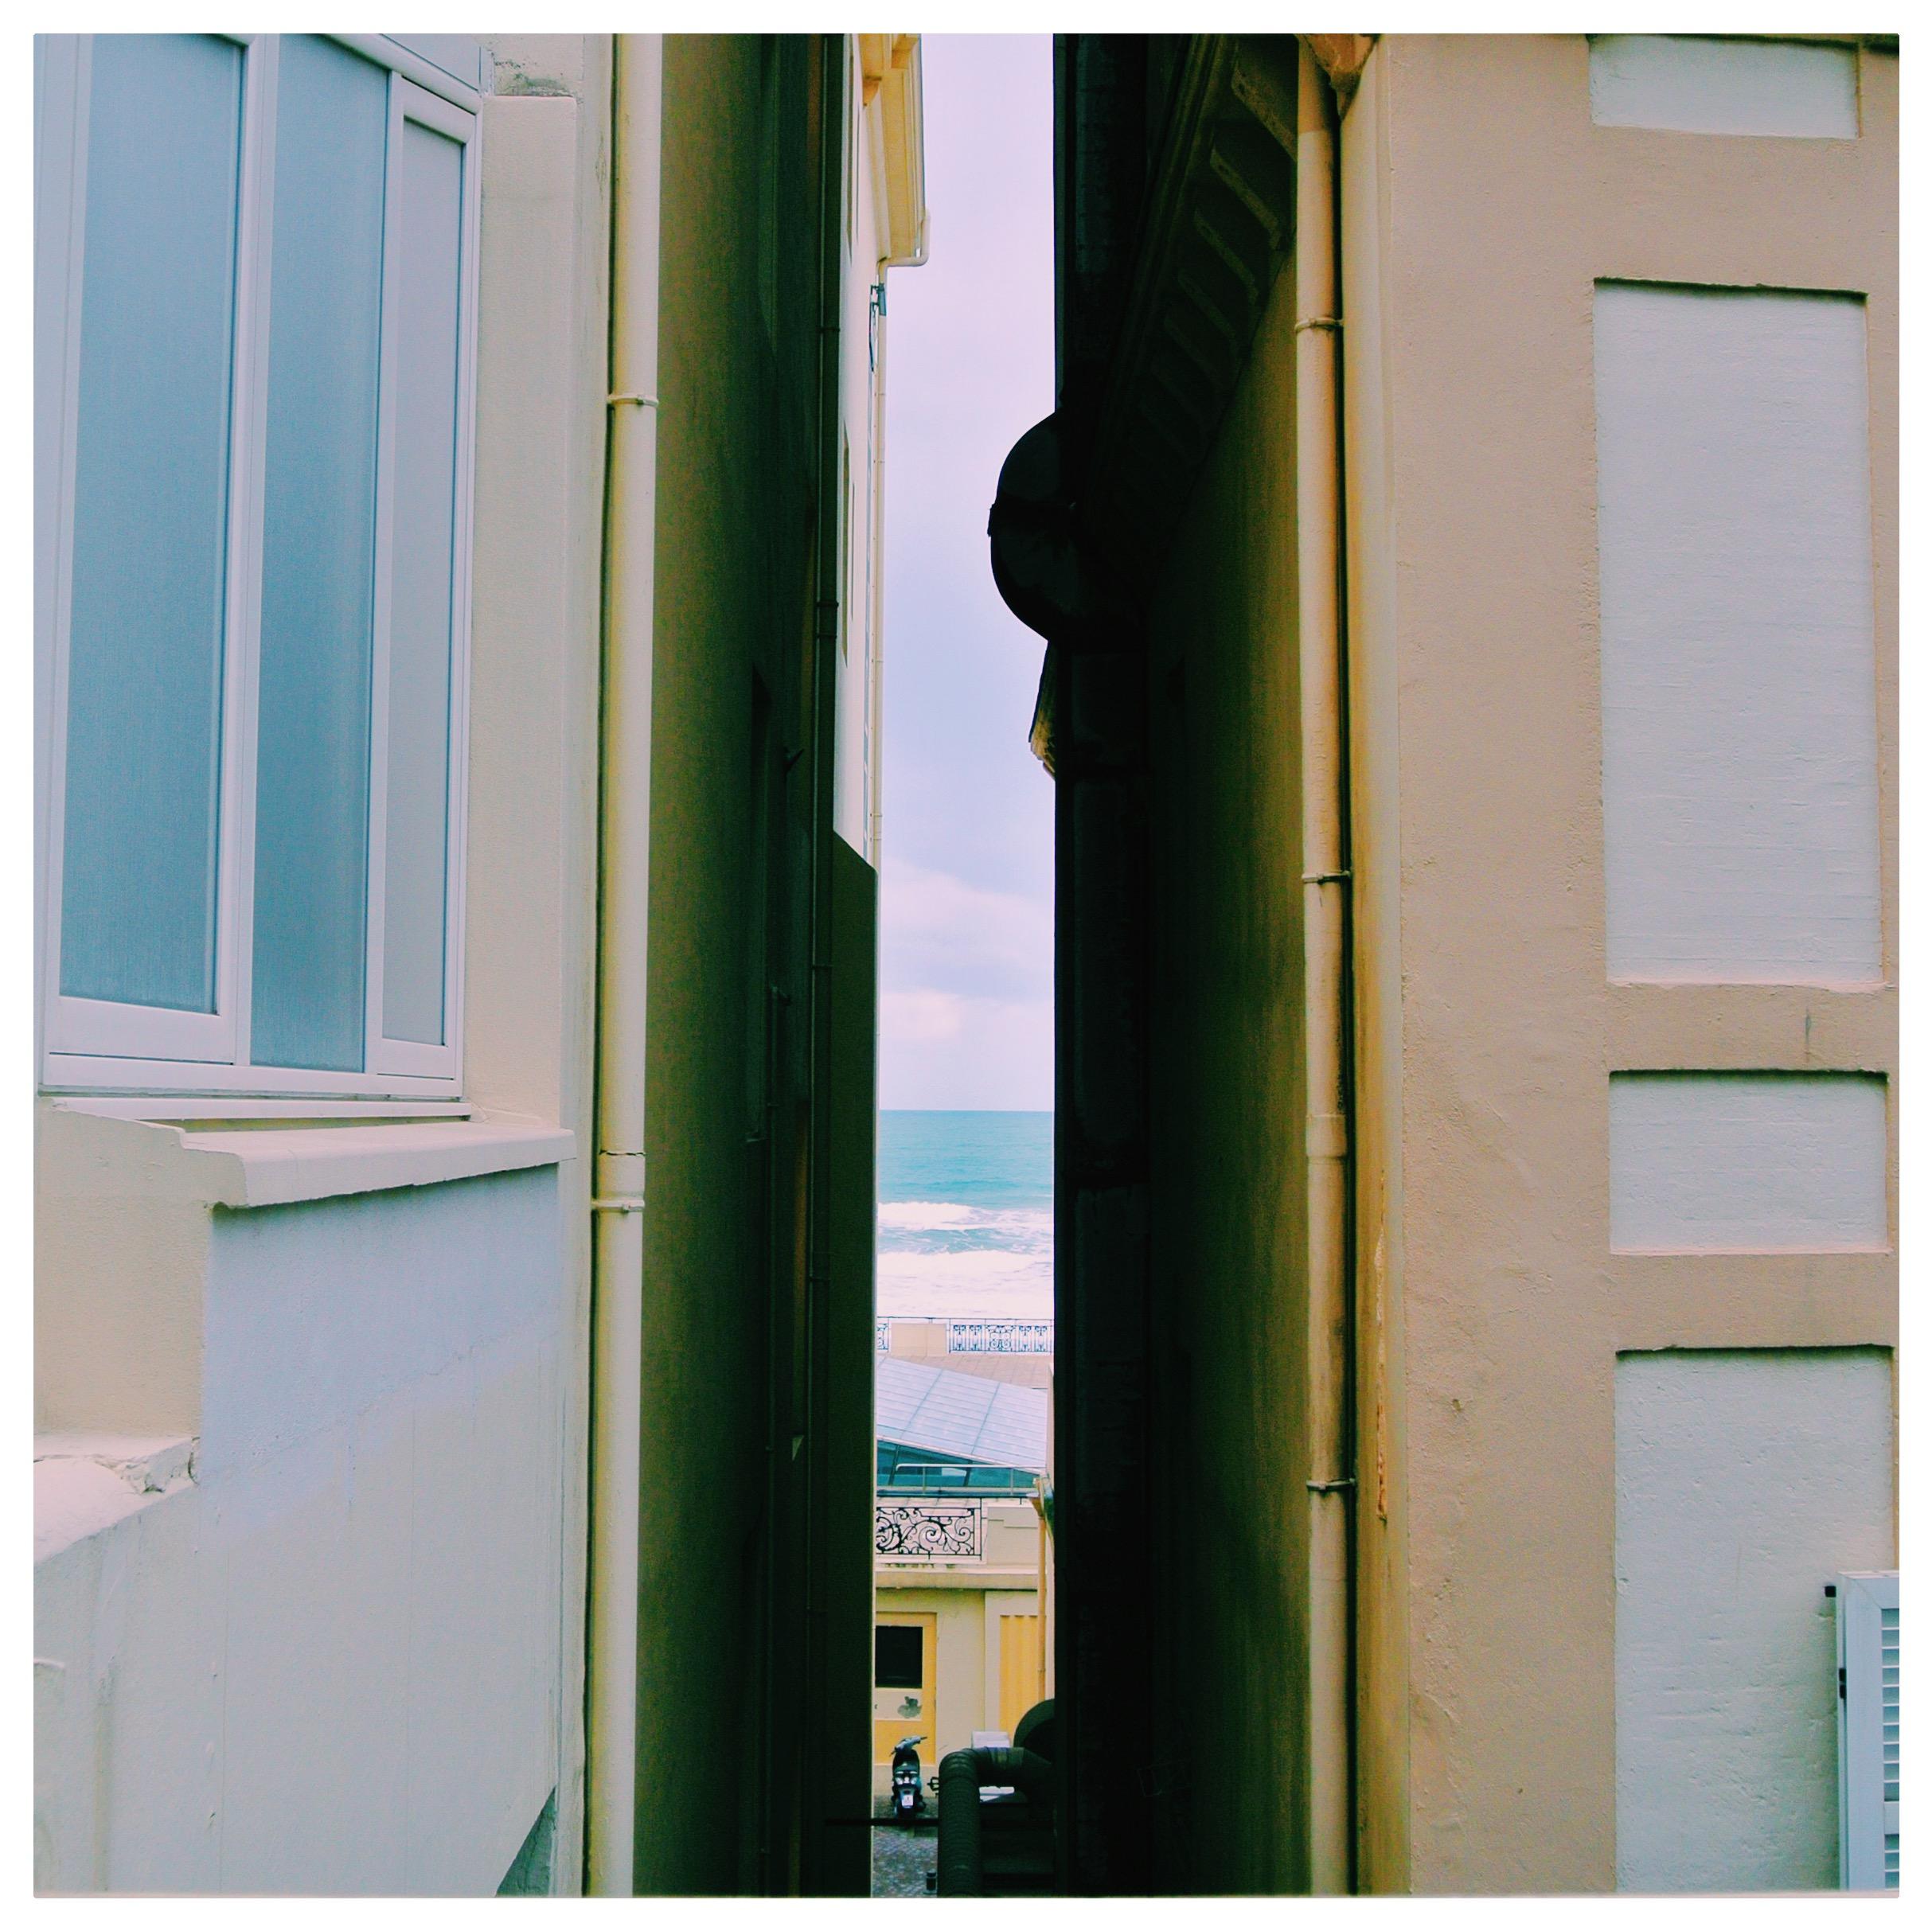 Peeking at the Bay